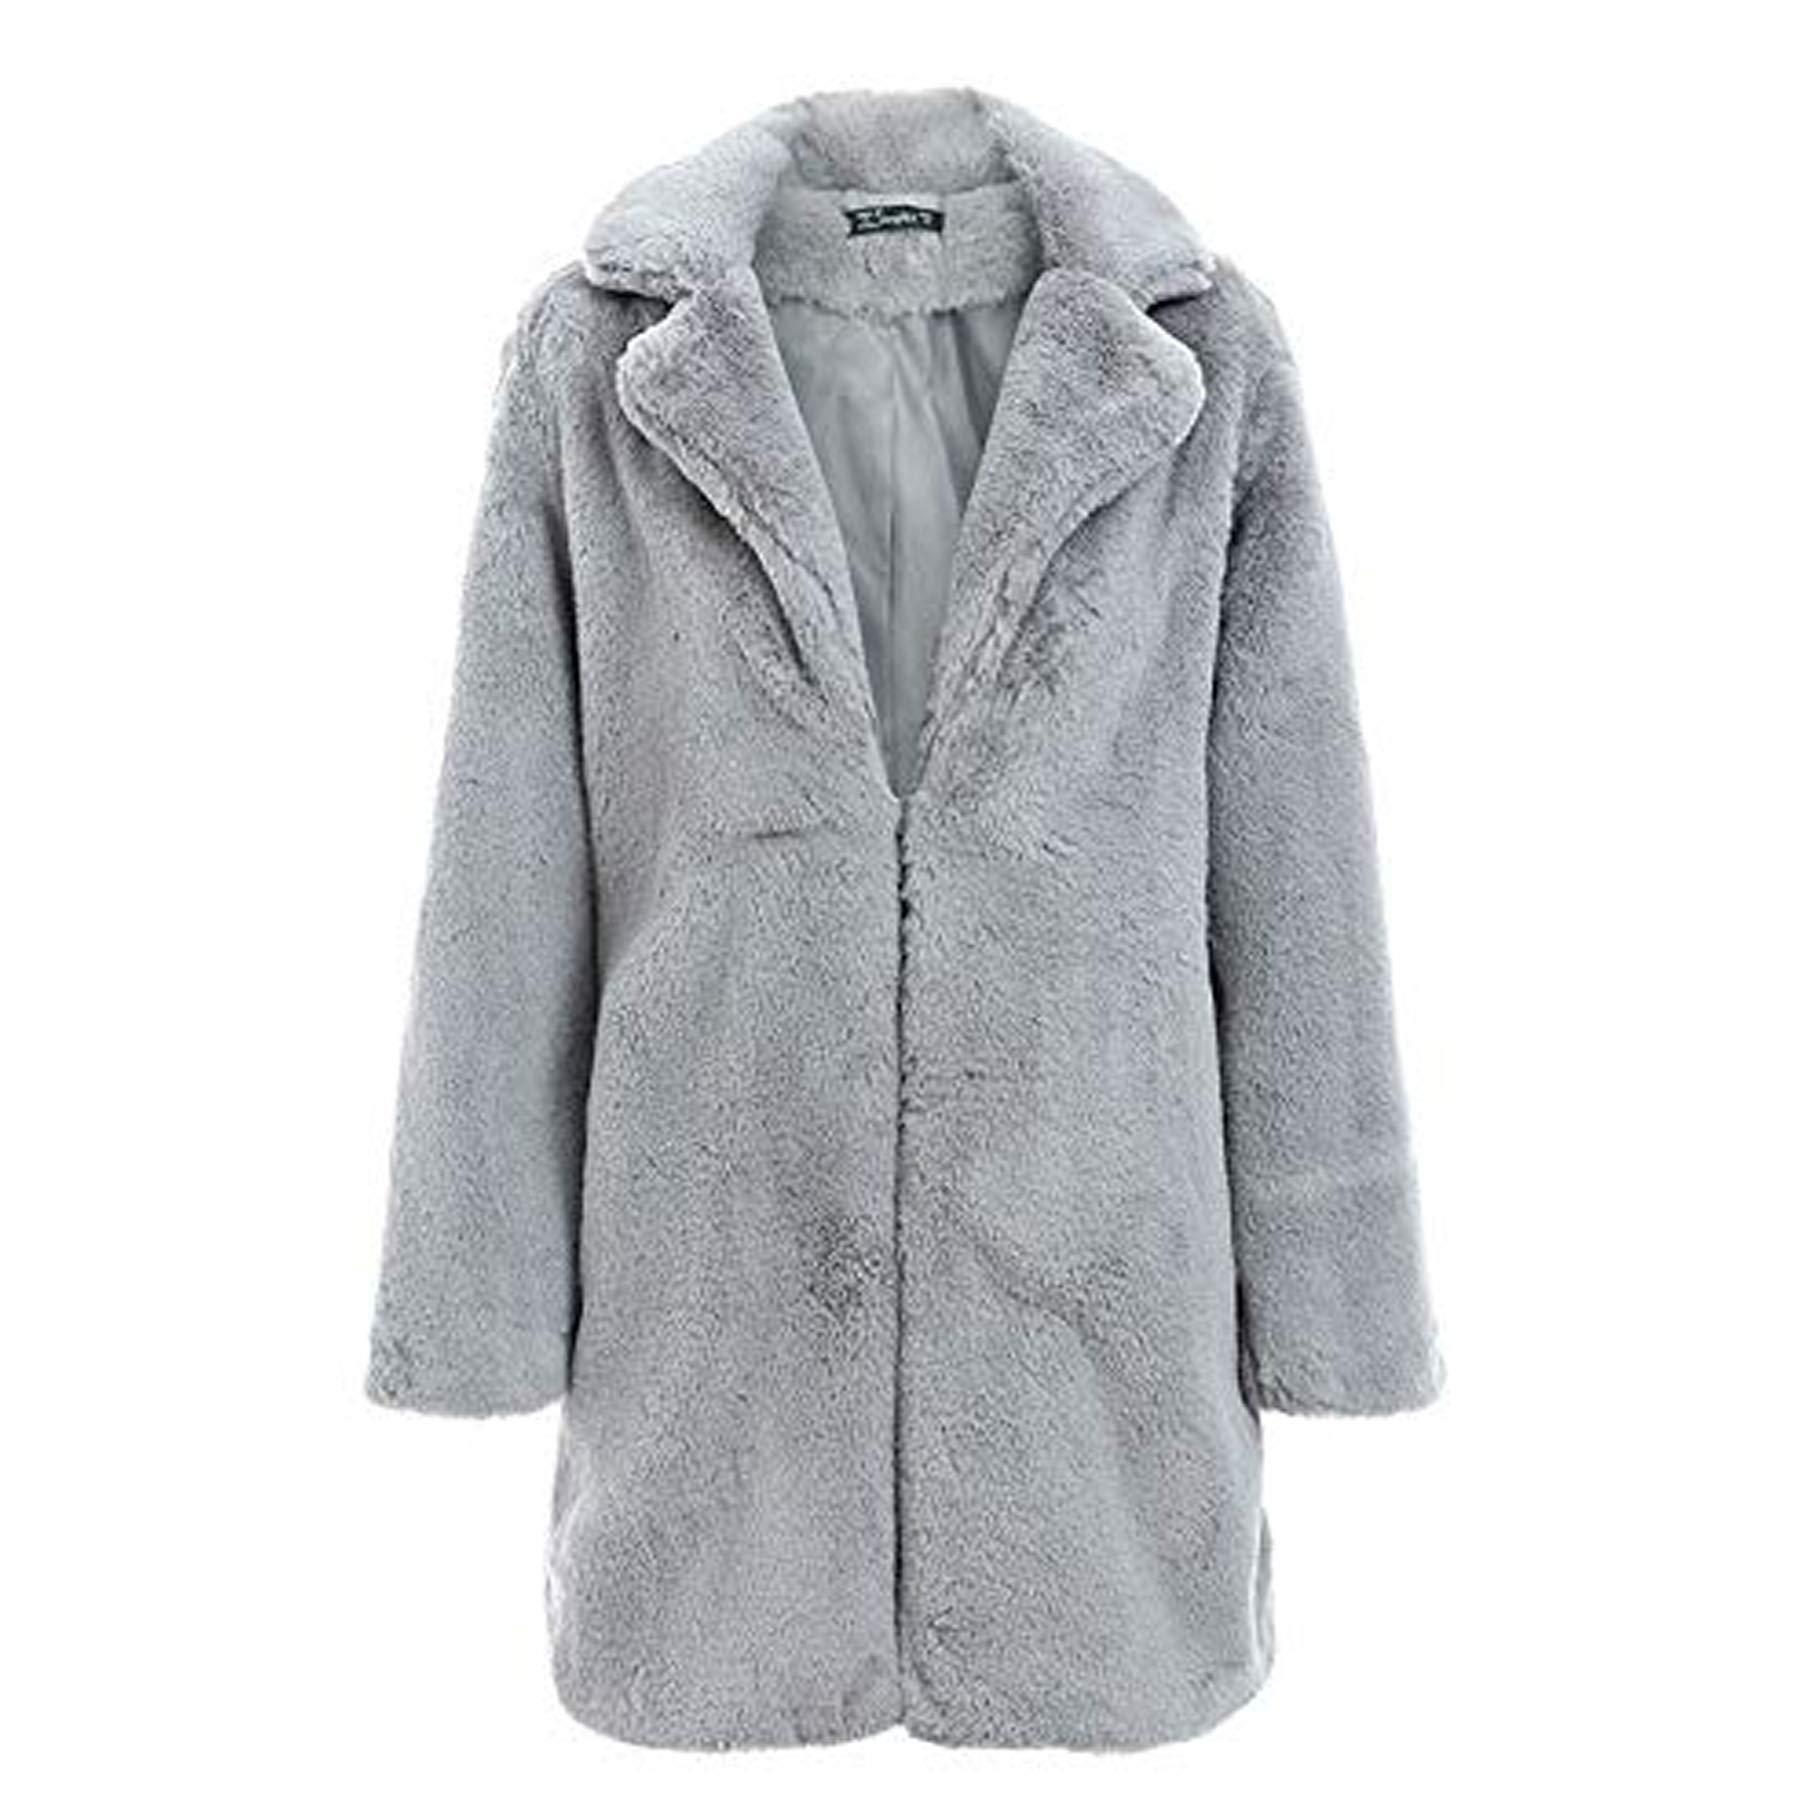 Ultramall Women Jacket Warm Thick Outerwear Coat Loose Long Overcoat Winter by Ultramall